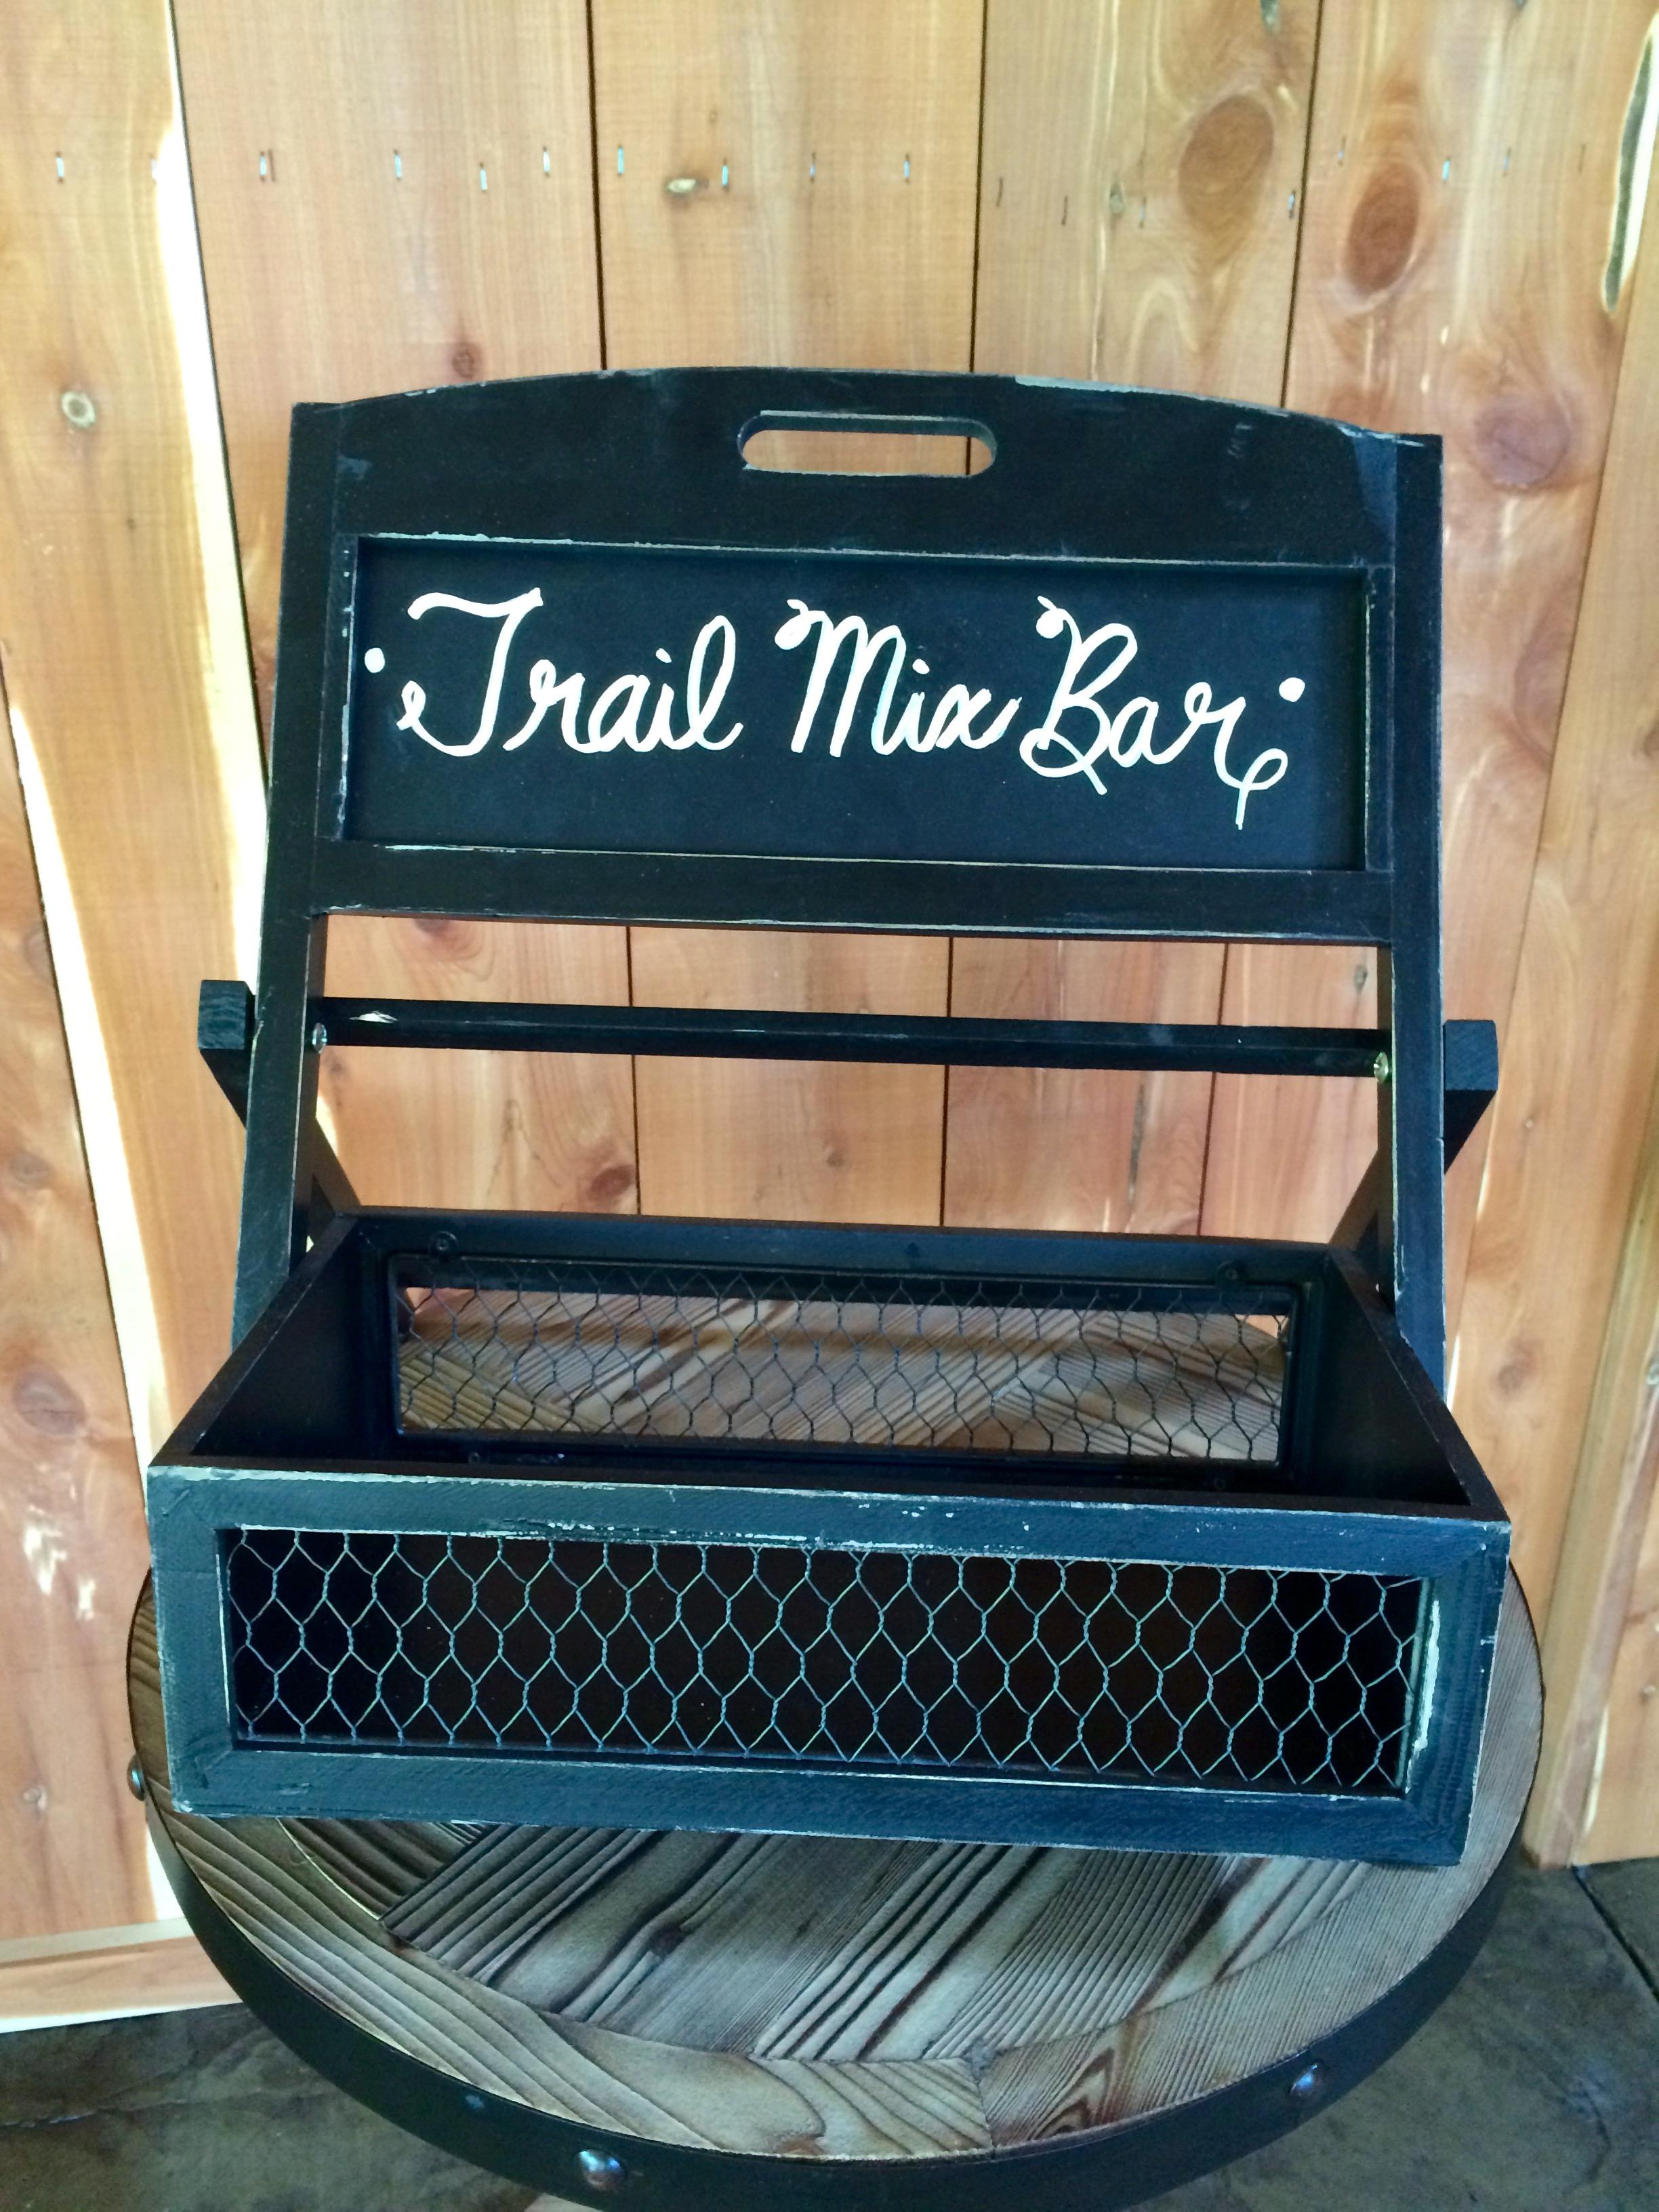 #14 - Trail Mix Bar